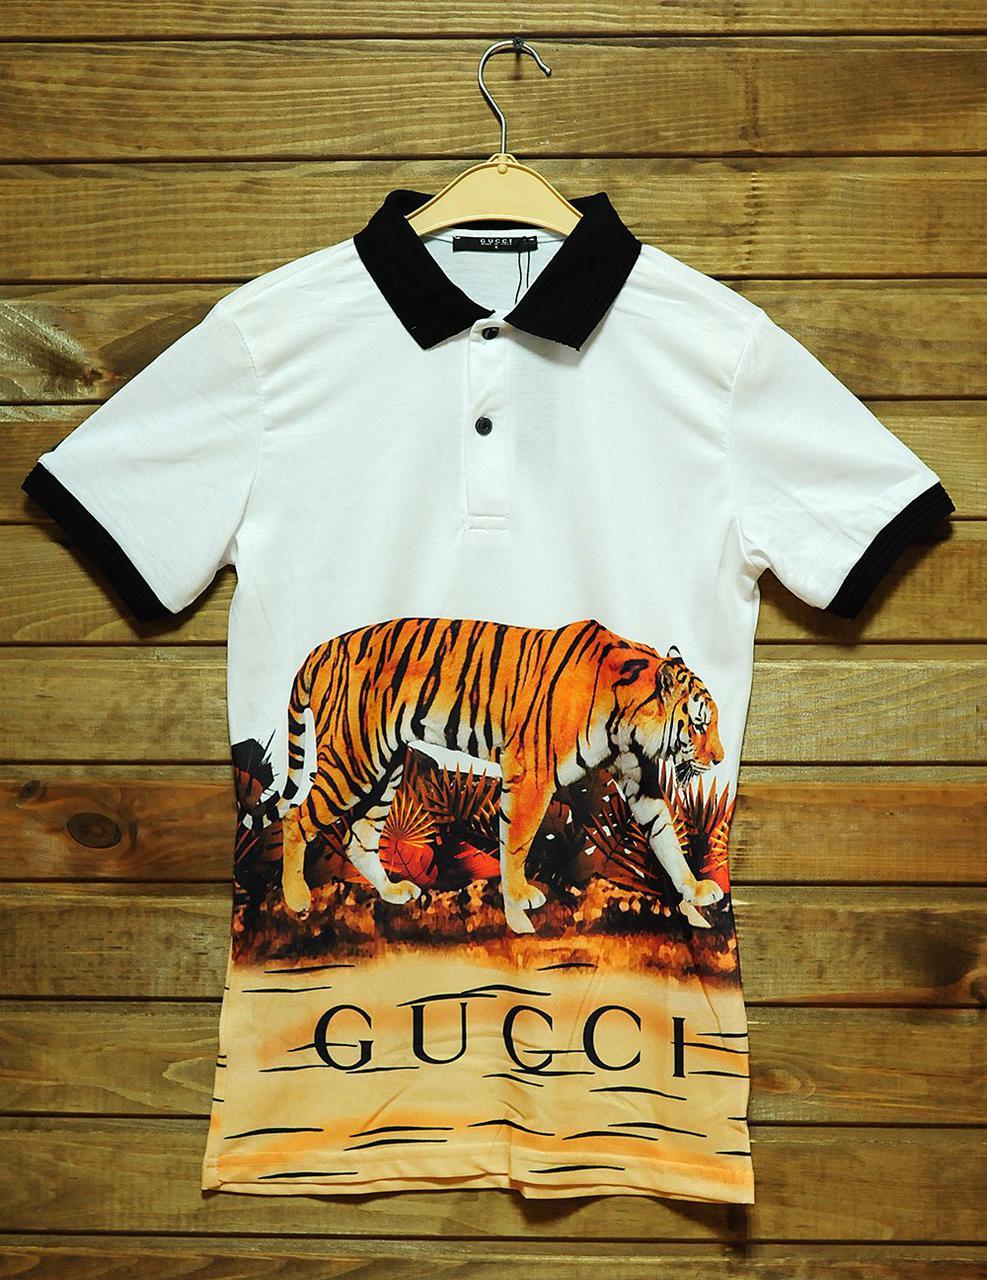 c920bc863068 Мужская футболка поло Gucci с тигром (реплика) - Интернет-магазин вещей